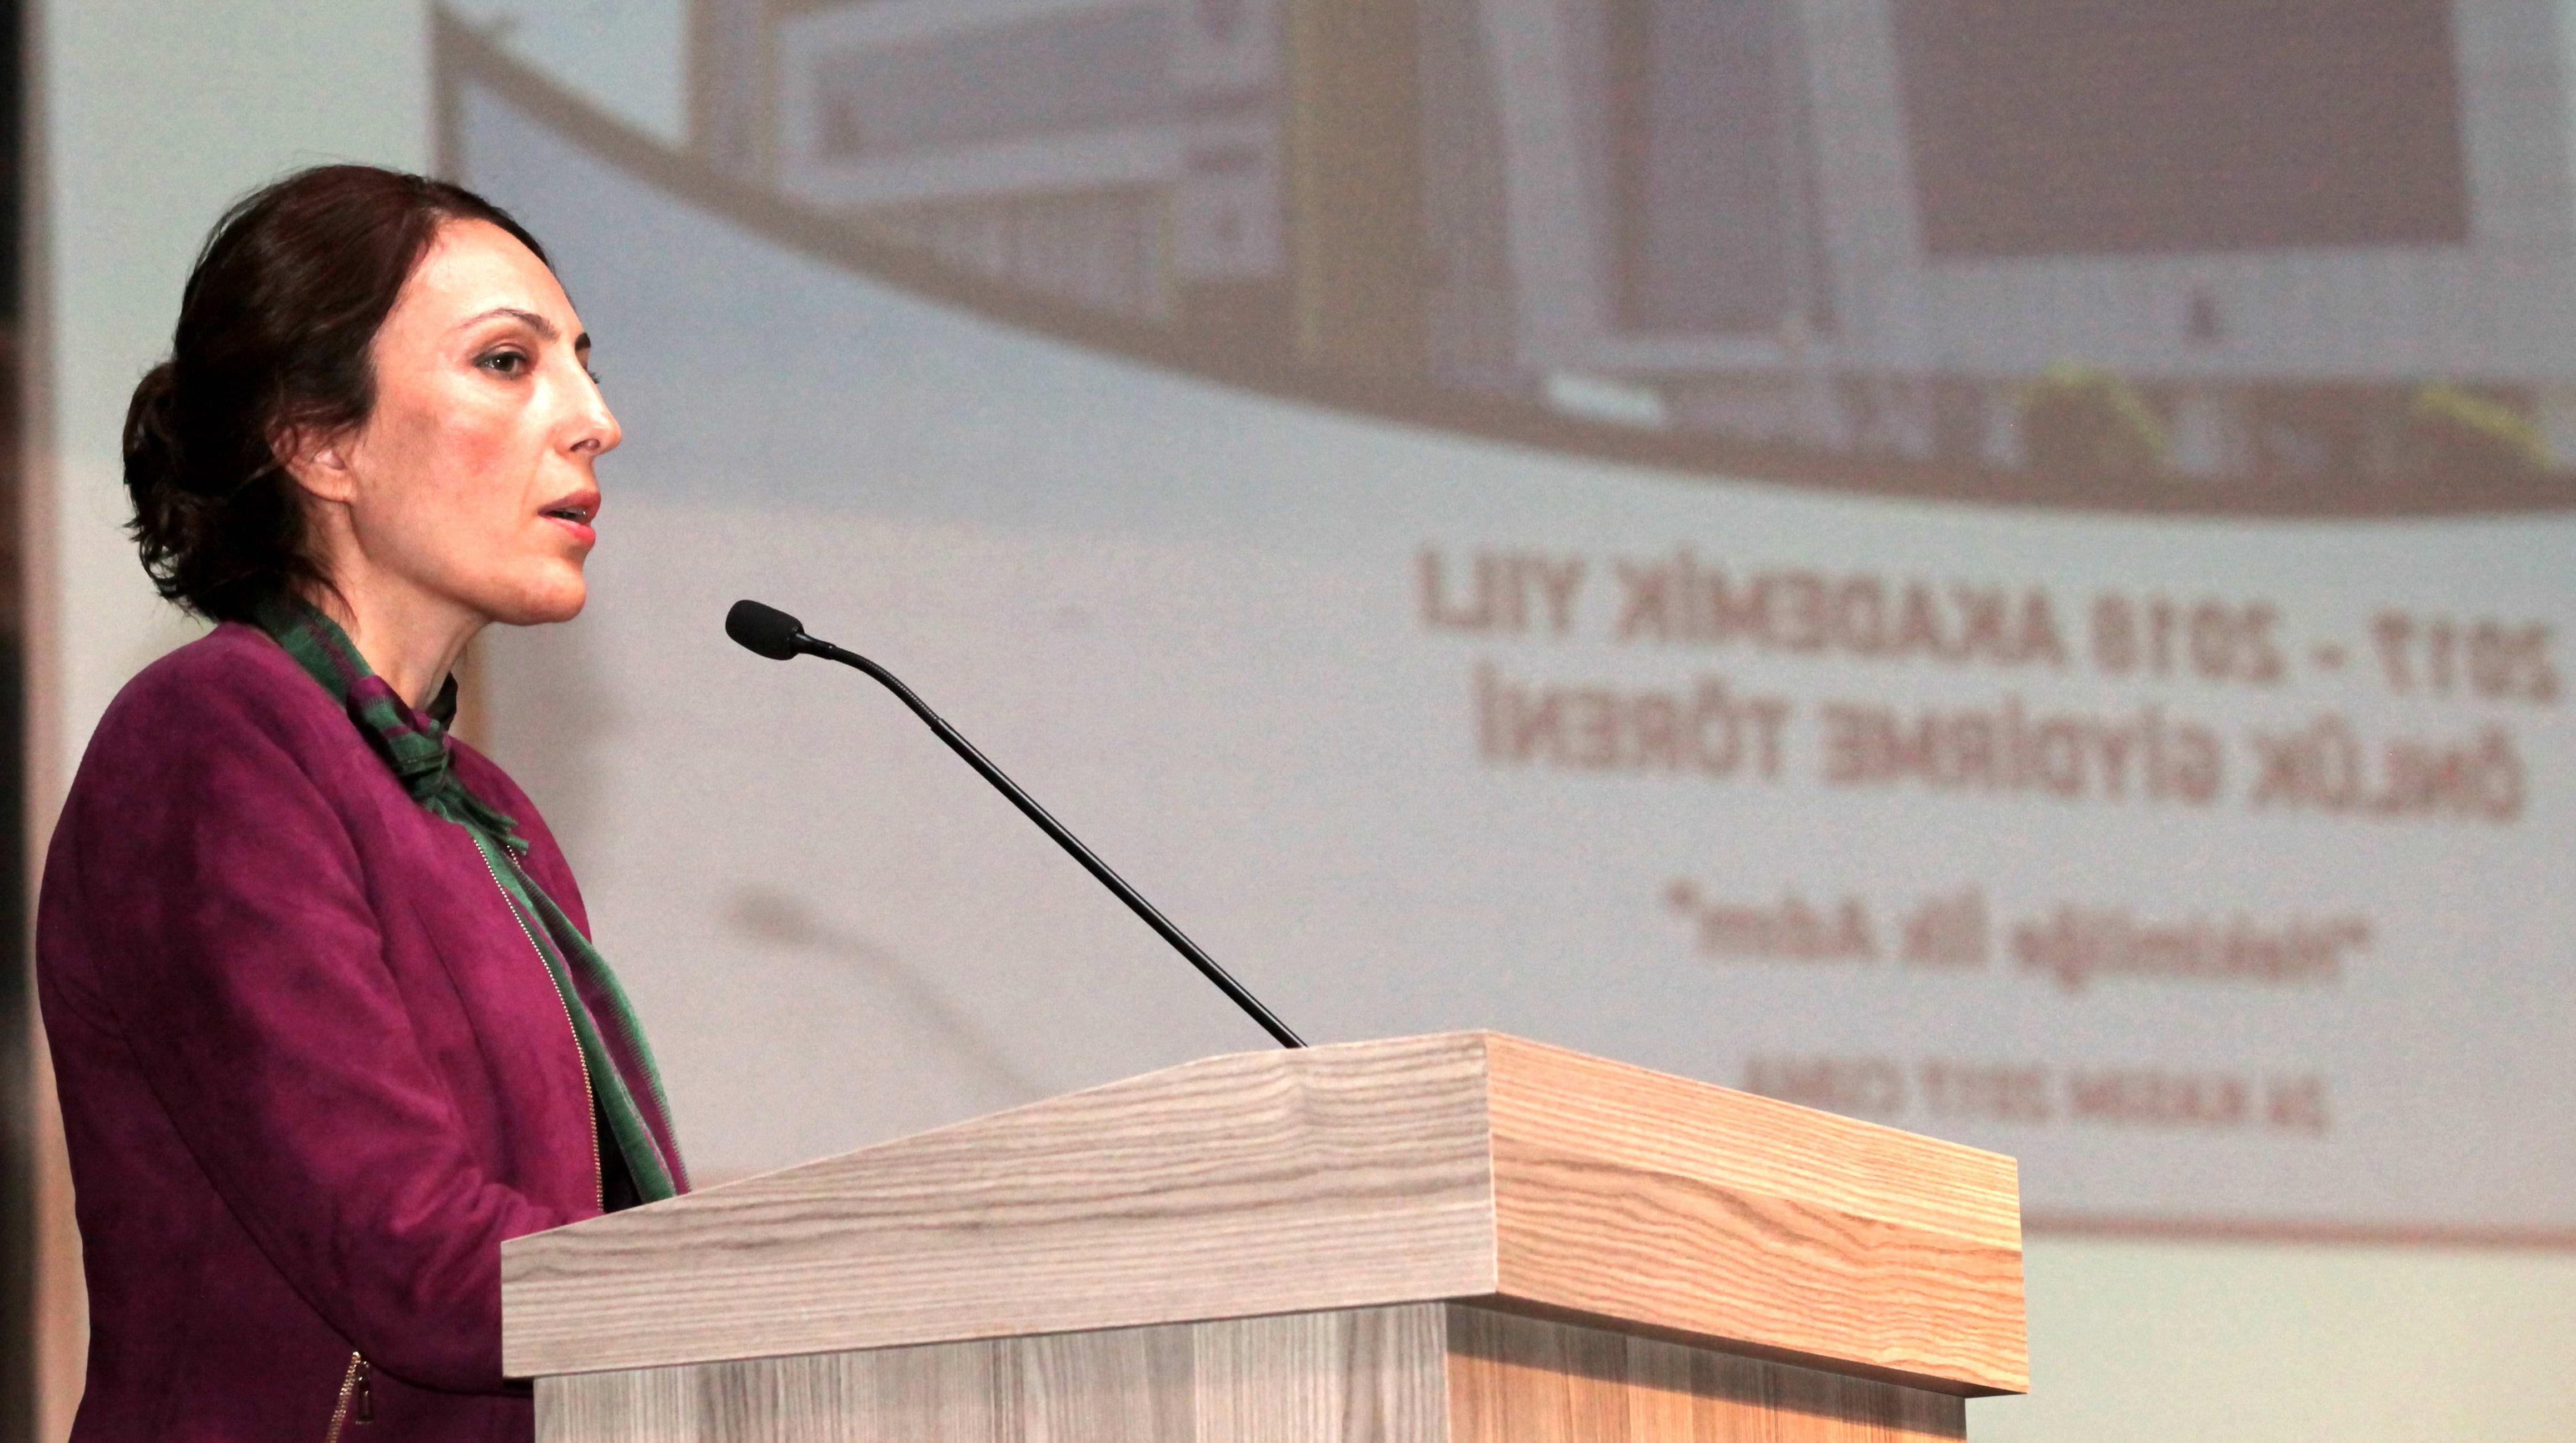 GAÜN'DE 74 ÖĞRENCİ BEYAZ ÖNLÜK GİYDİ -  (Prof. Dr. Kamile Erciyas)